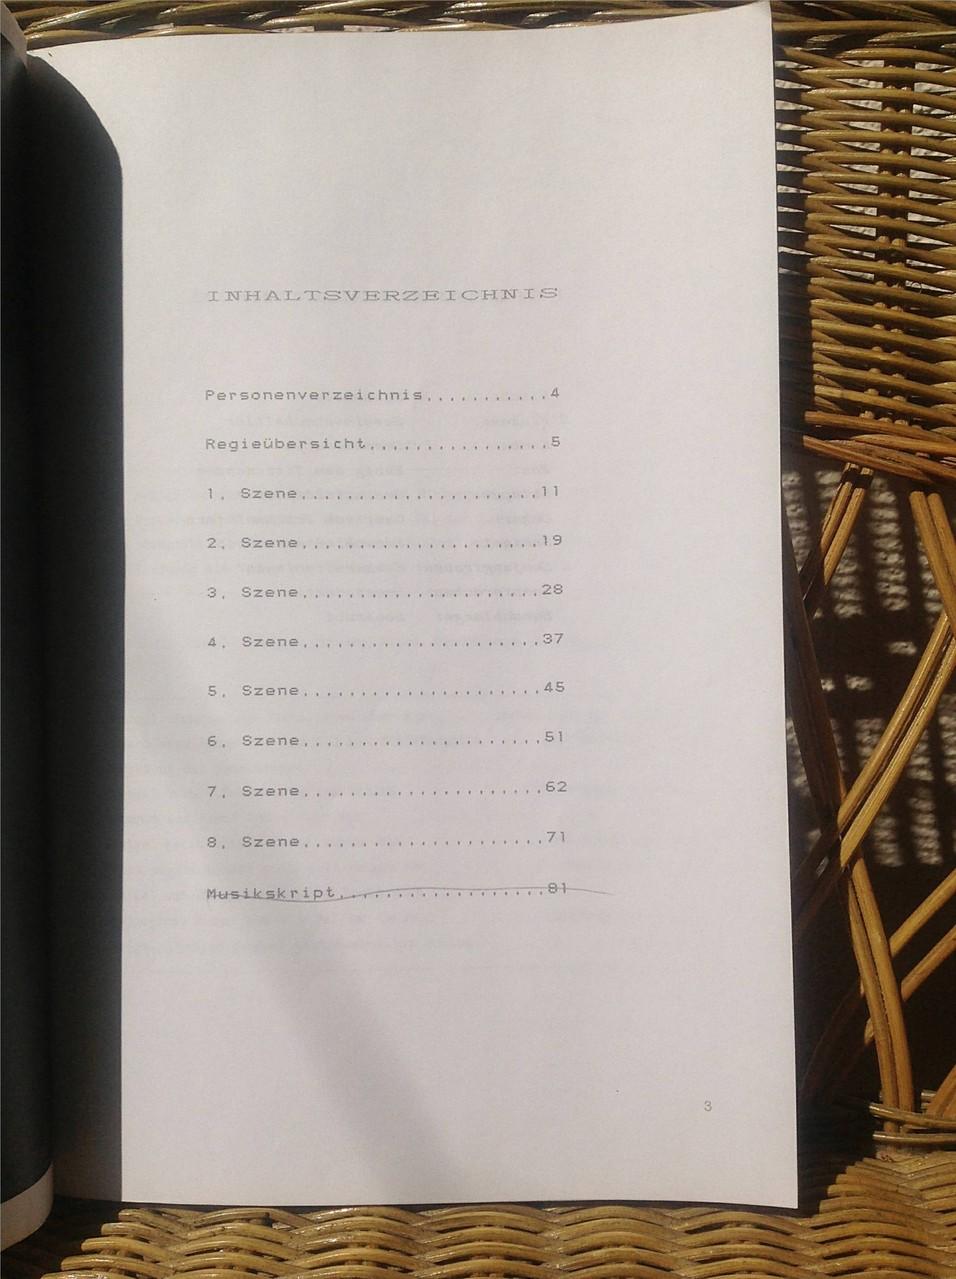 Petra Mettke, Karin Mettke-Schröder/Der unzufriedene Nöx/SongSchauSpiel von 1990/Inhaltsverzeichnis